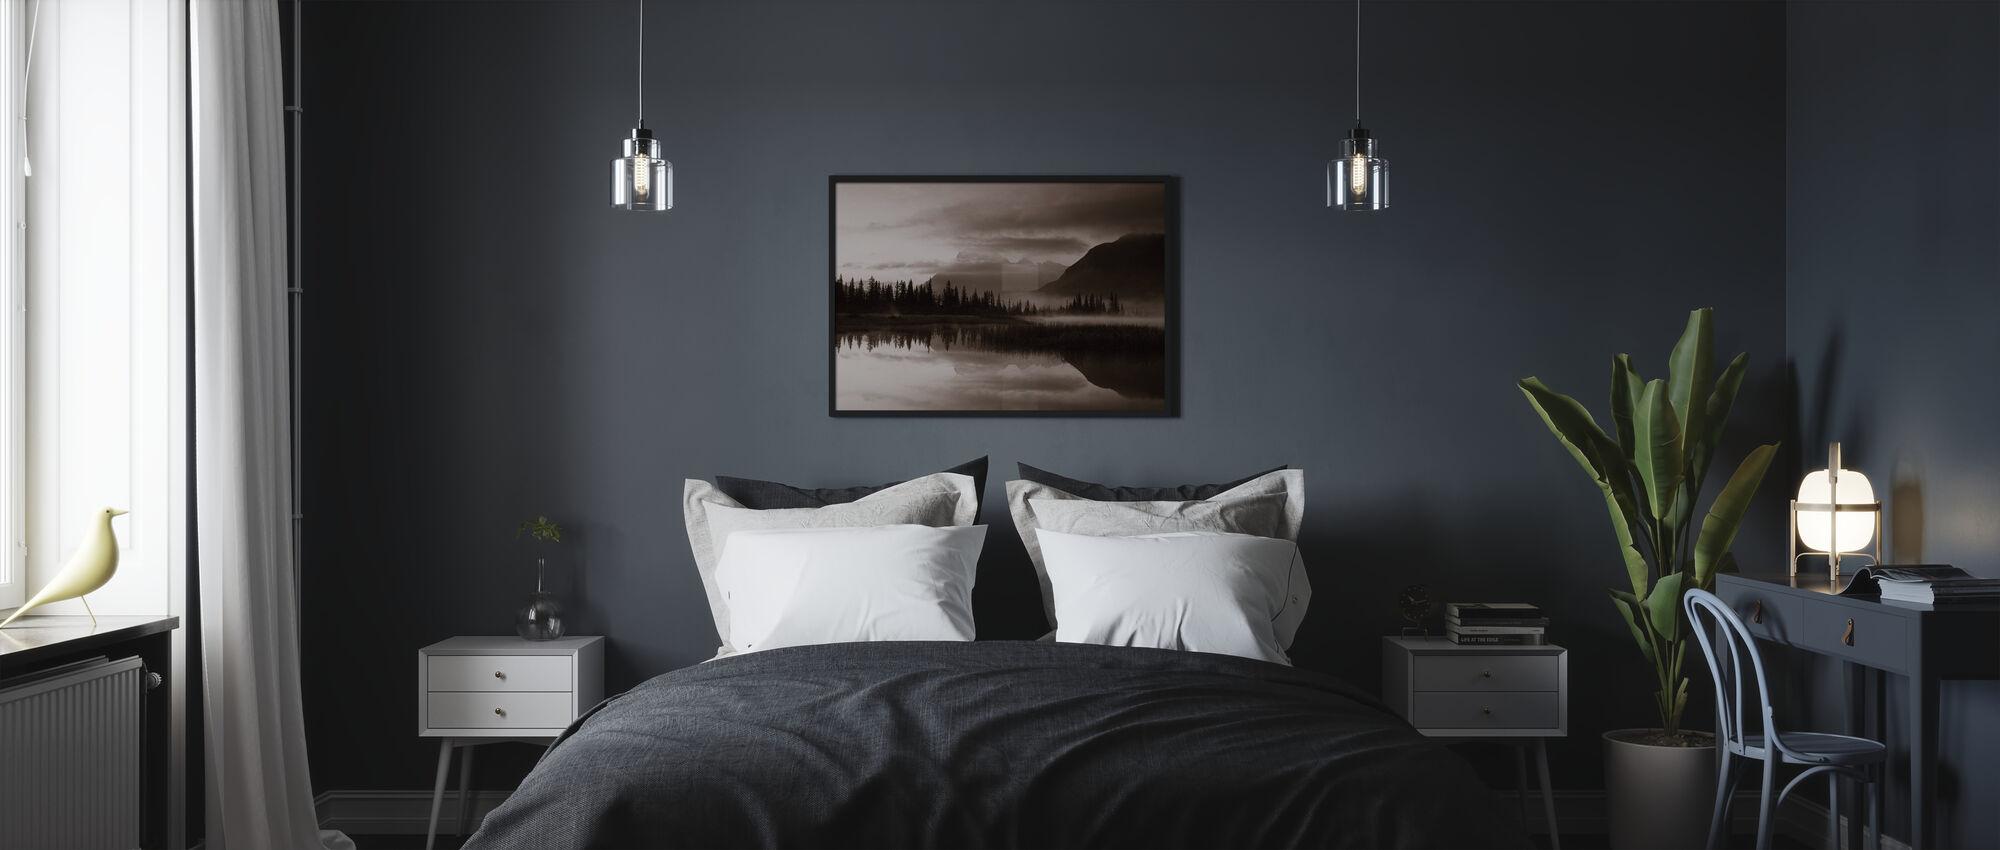 Reflectie - Sepia - Ingelijste print - Slaapkamer